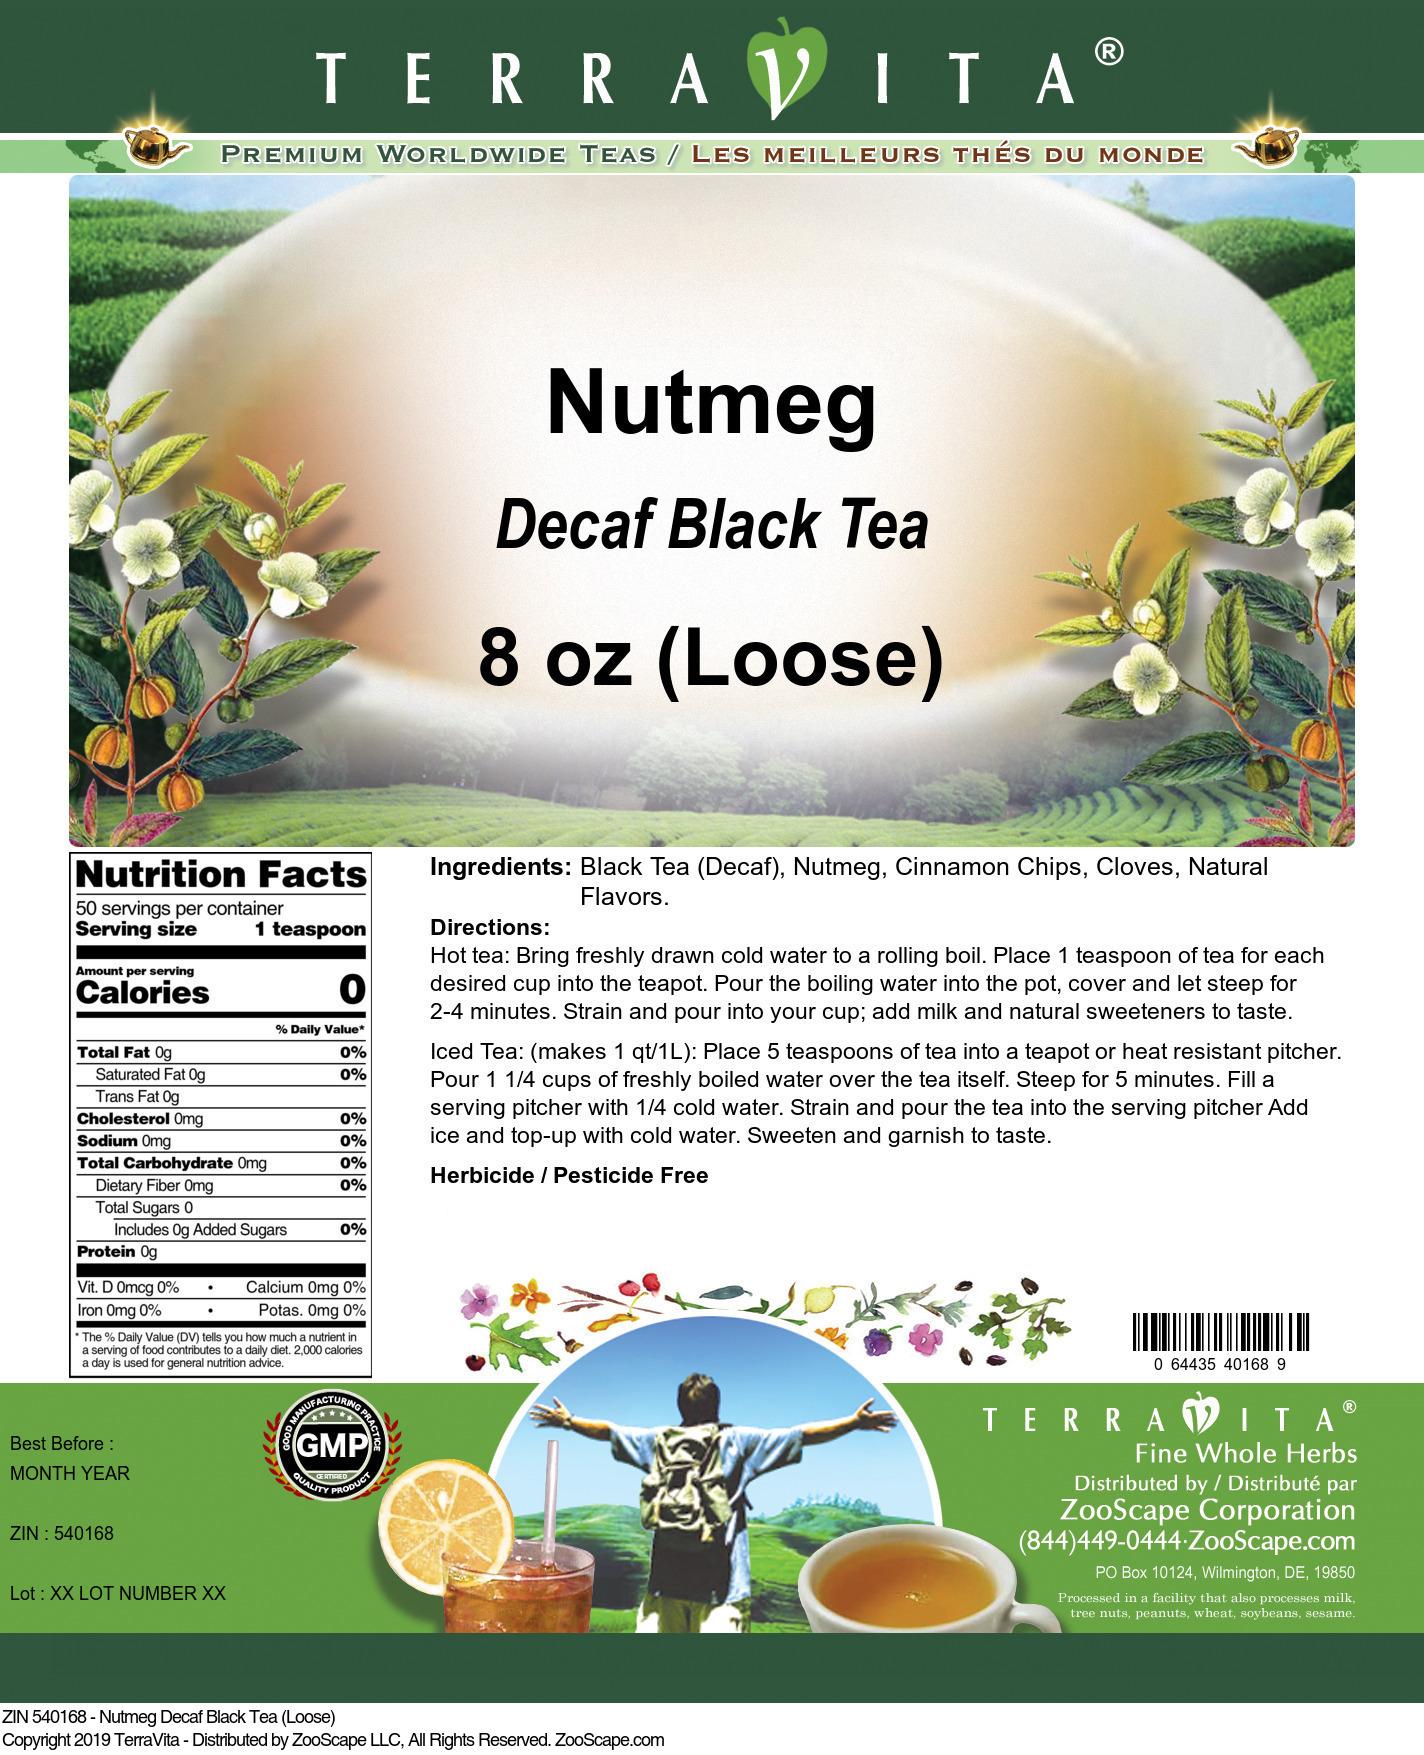 Nutmeg Decaf Black Tea (Loose)